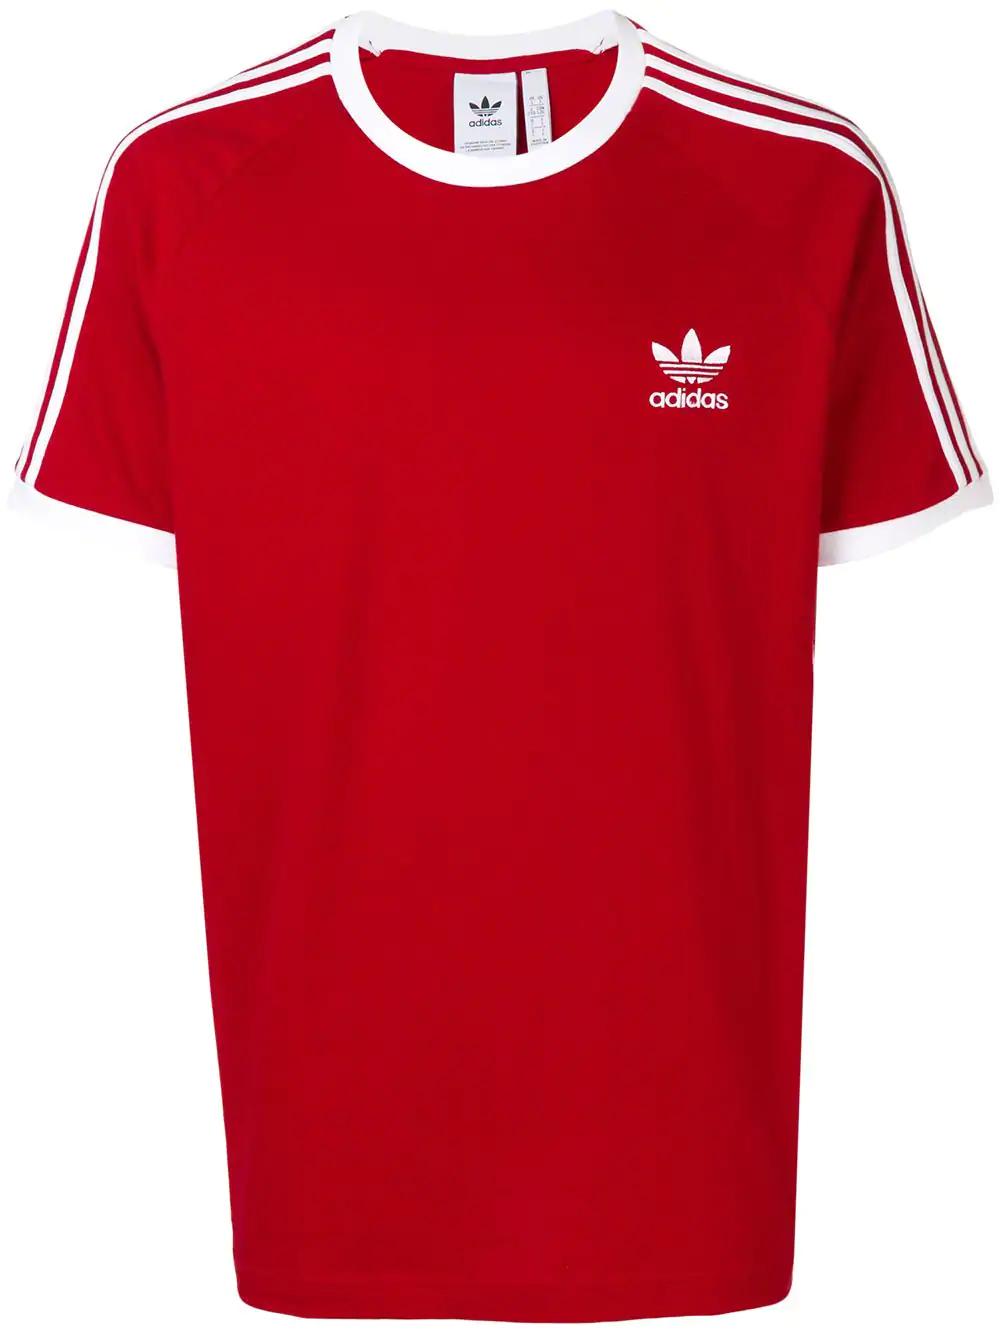 e4182de10 Adidas Originals Adidas 3-Stripes T-Shirt - Red | ModeSens